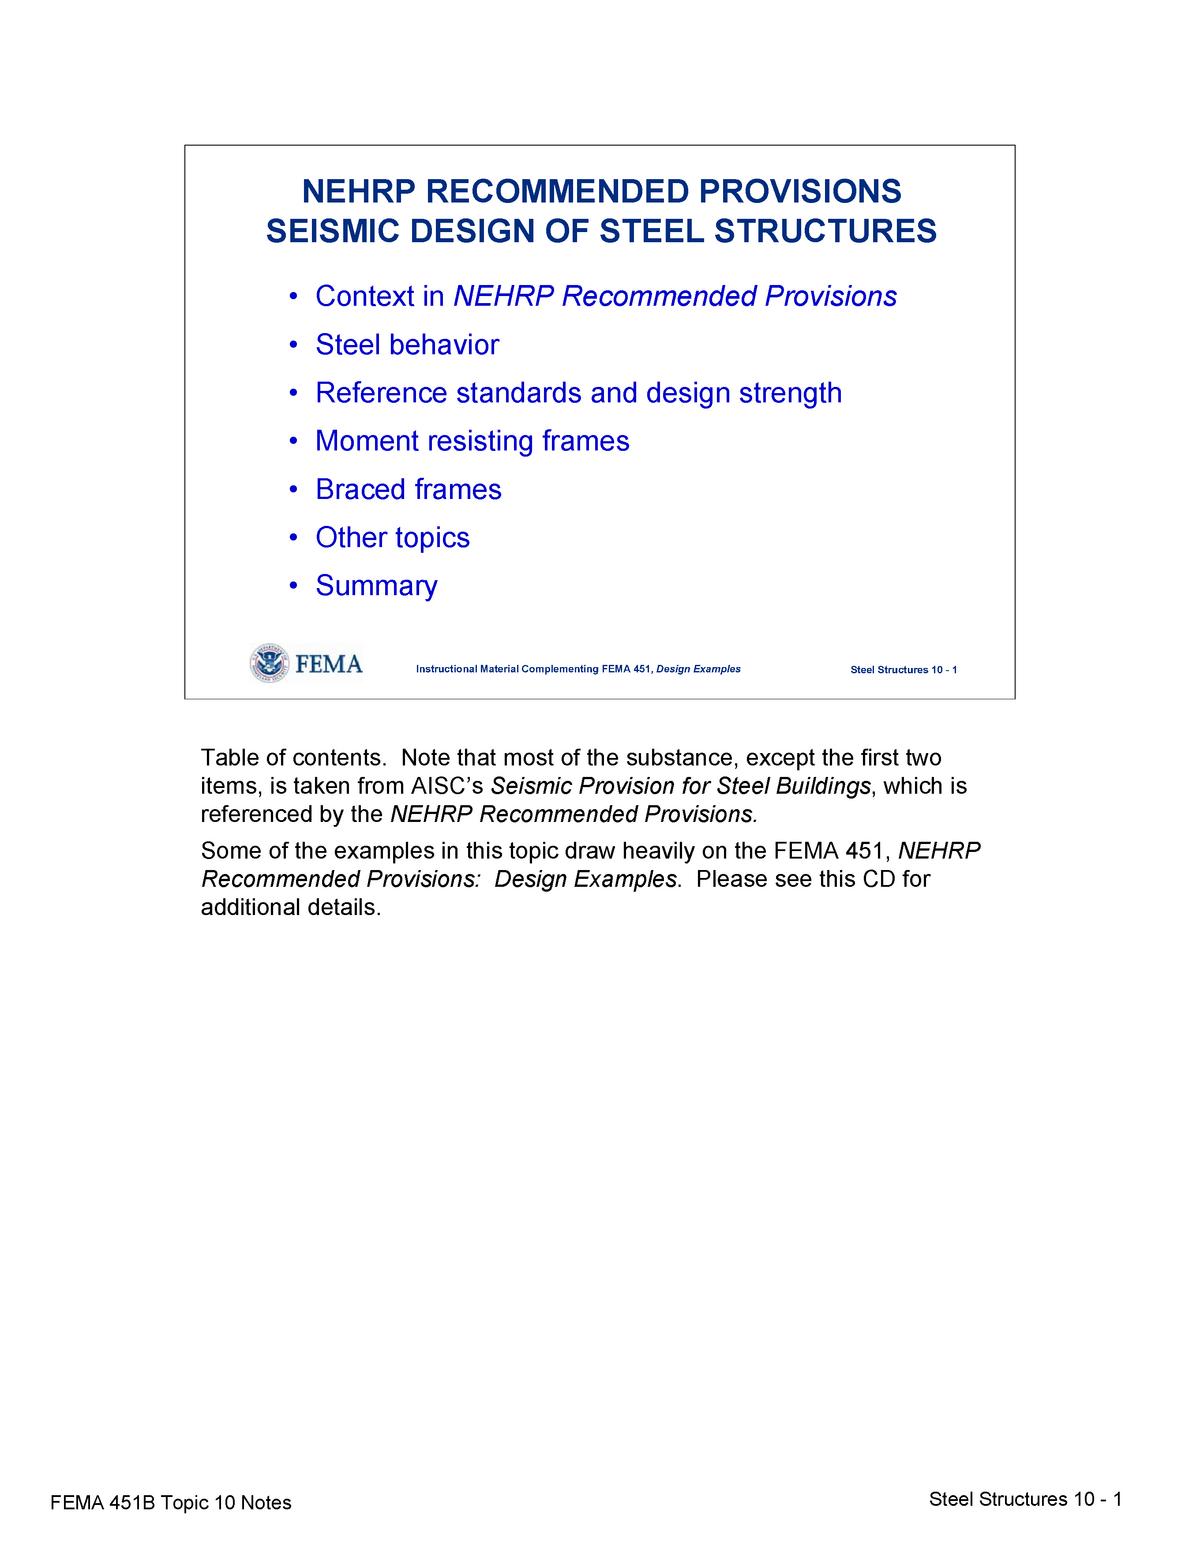 Topic 10 Seismic Designof Steel Structures Notes Civl 8119 Studocu